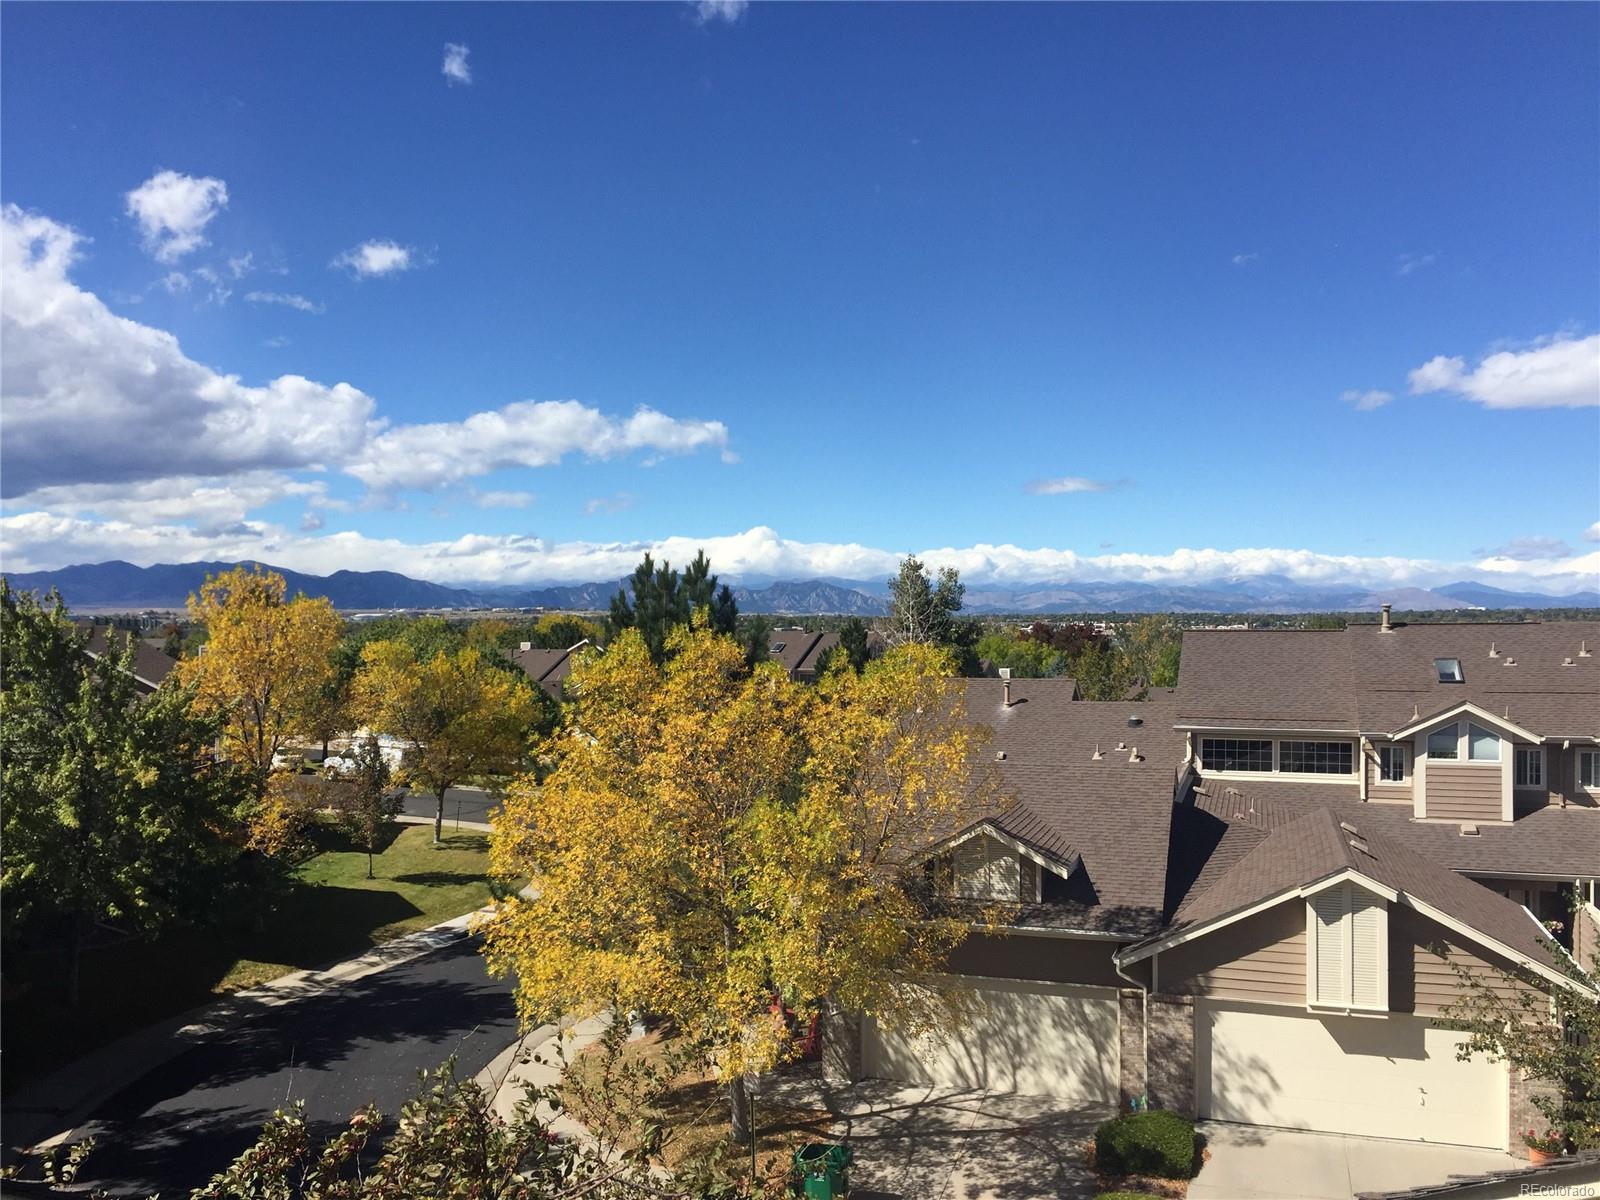 Mountain view - Fall